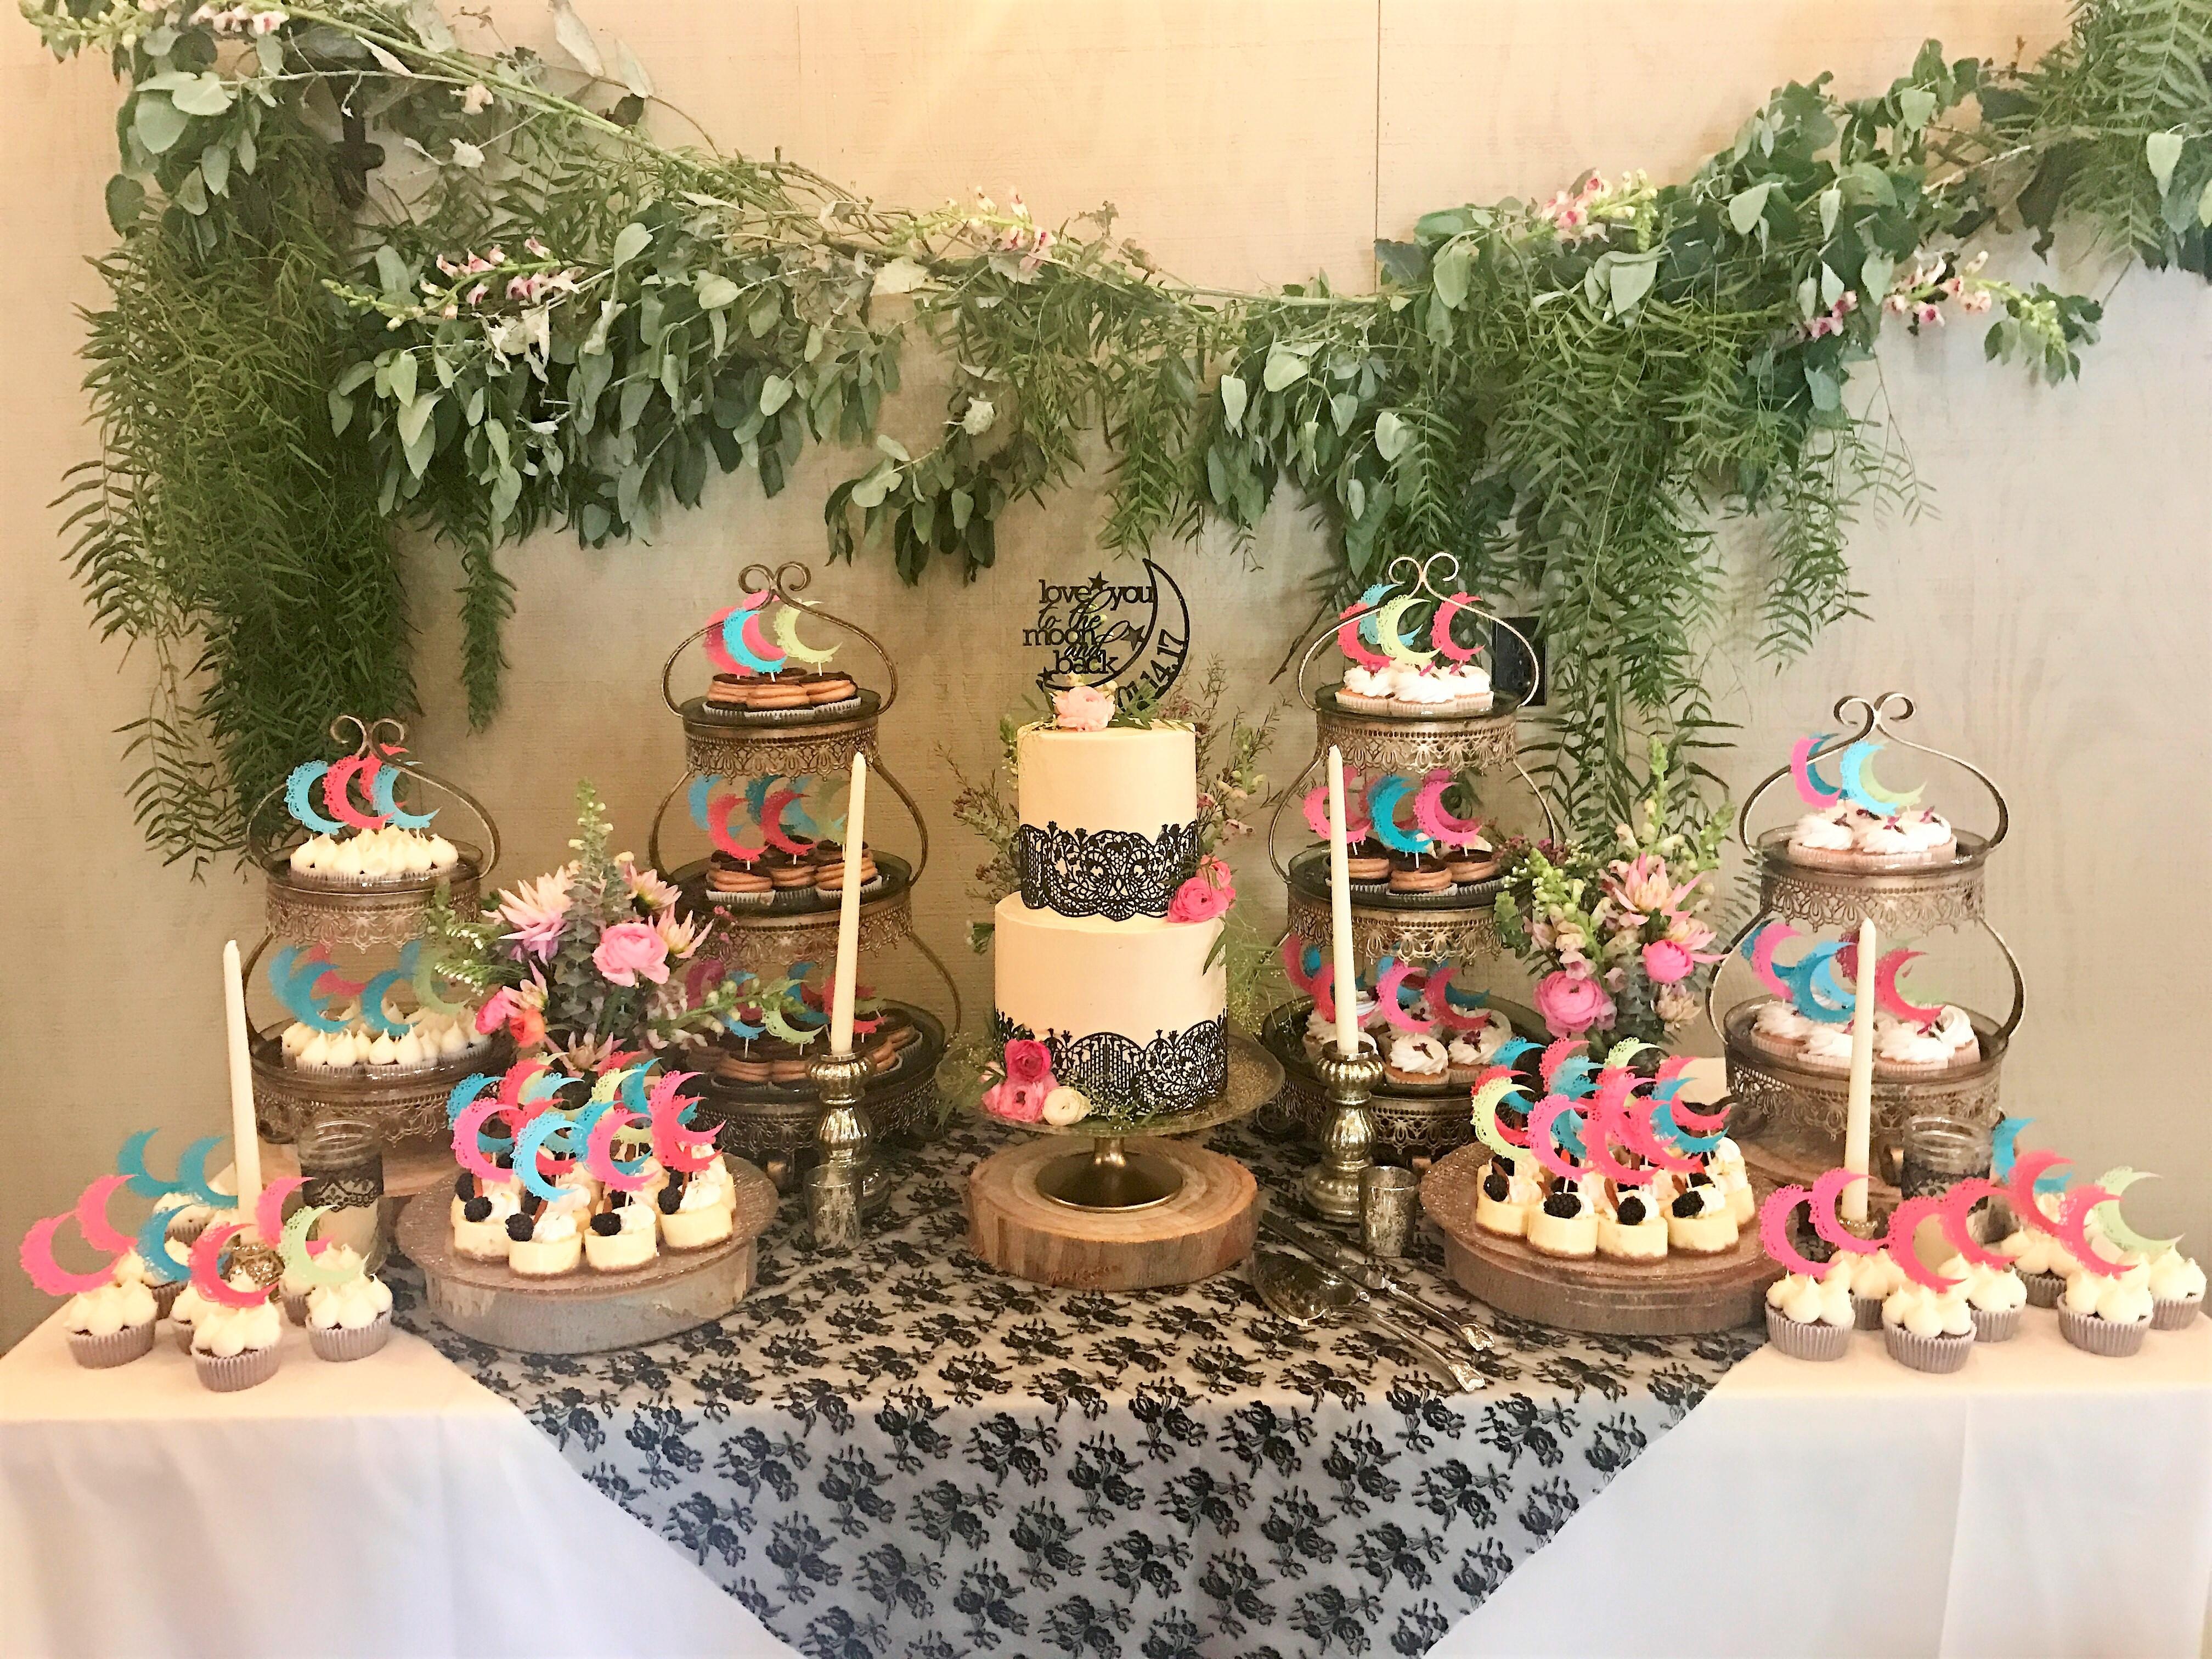 100 cupcakes, 2 tier cake